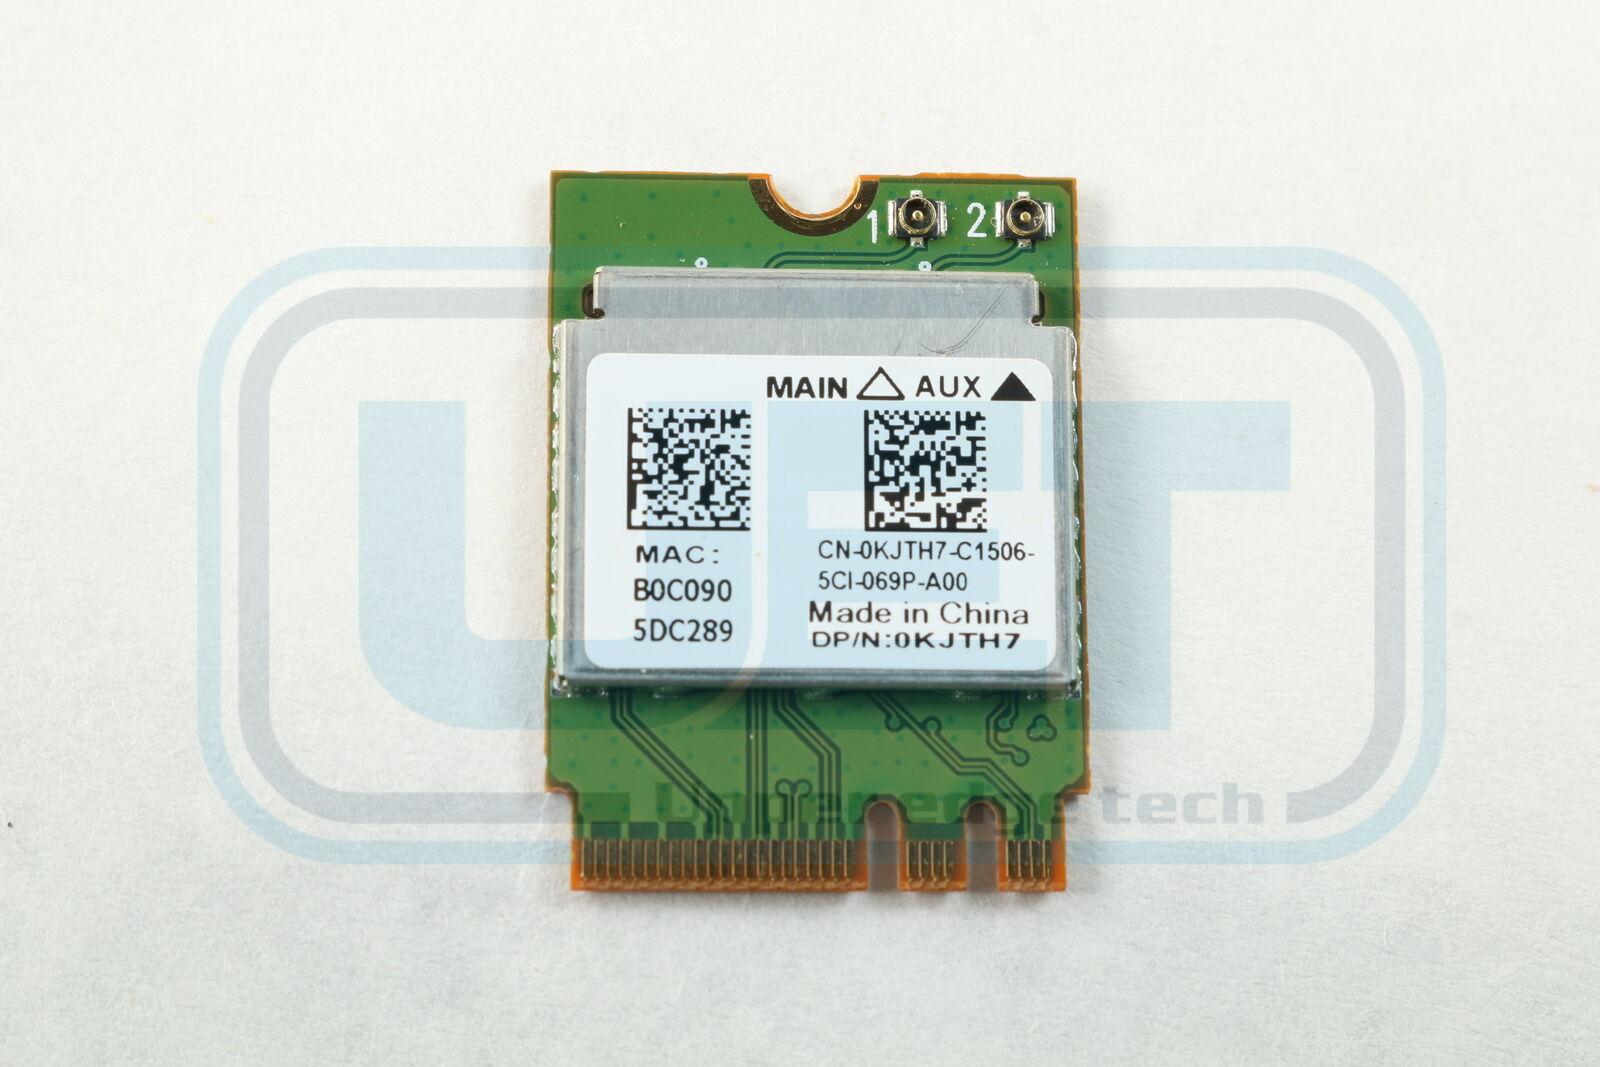 Dell Inspiron 3452 3157 3552 KJTH7 802.11n M.2 Tested Warranty